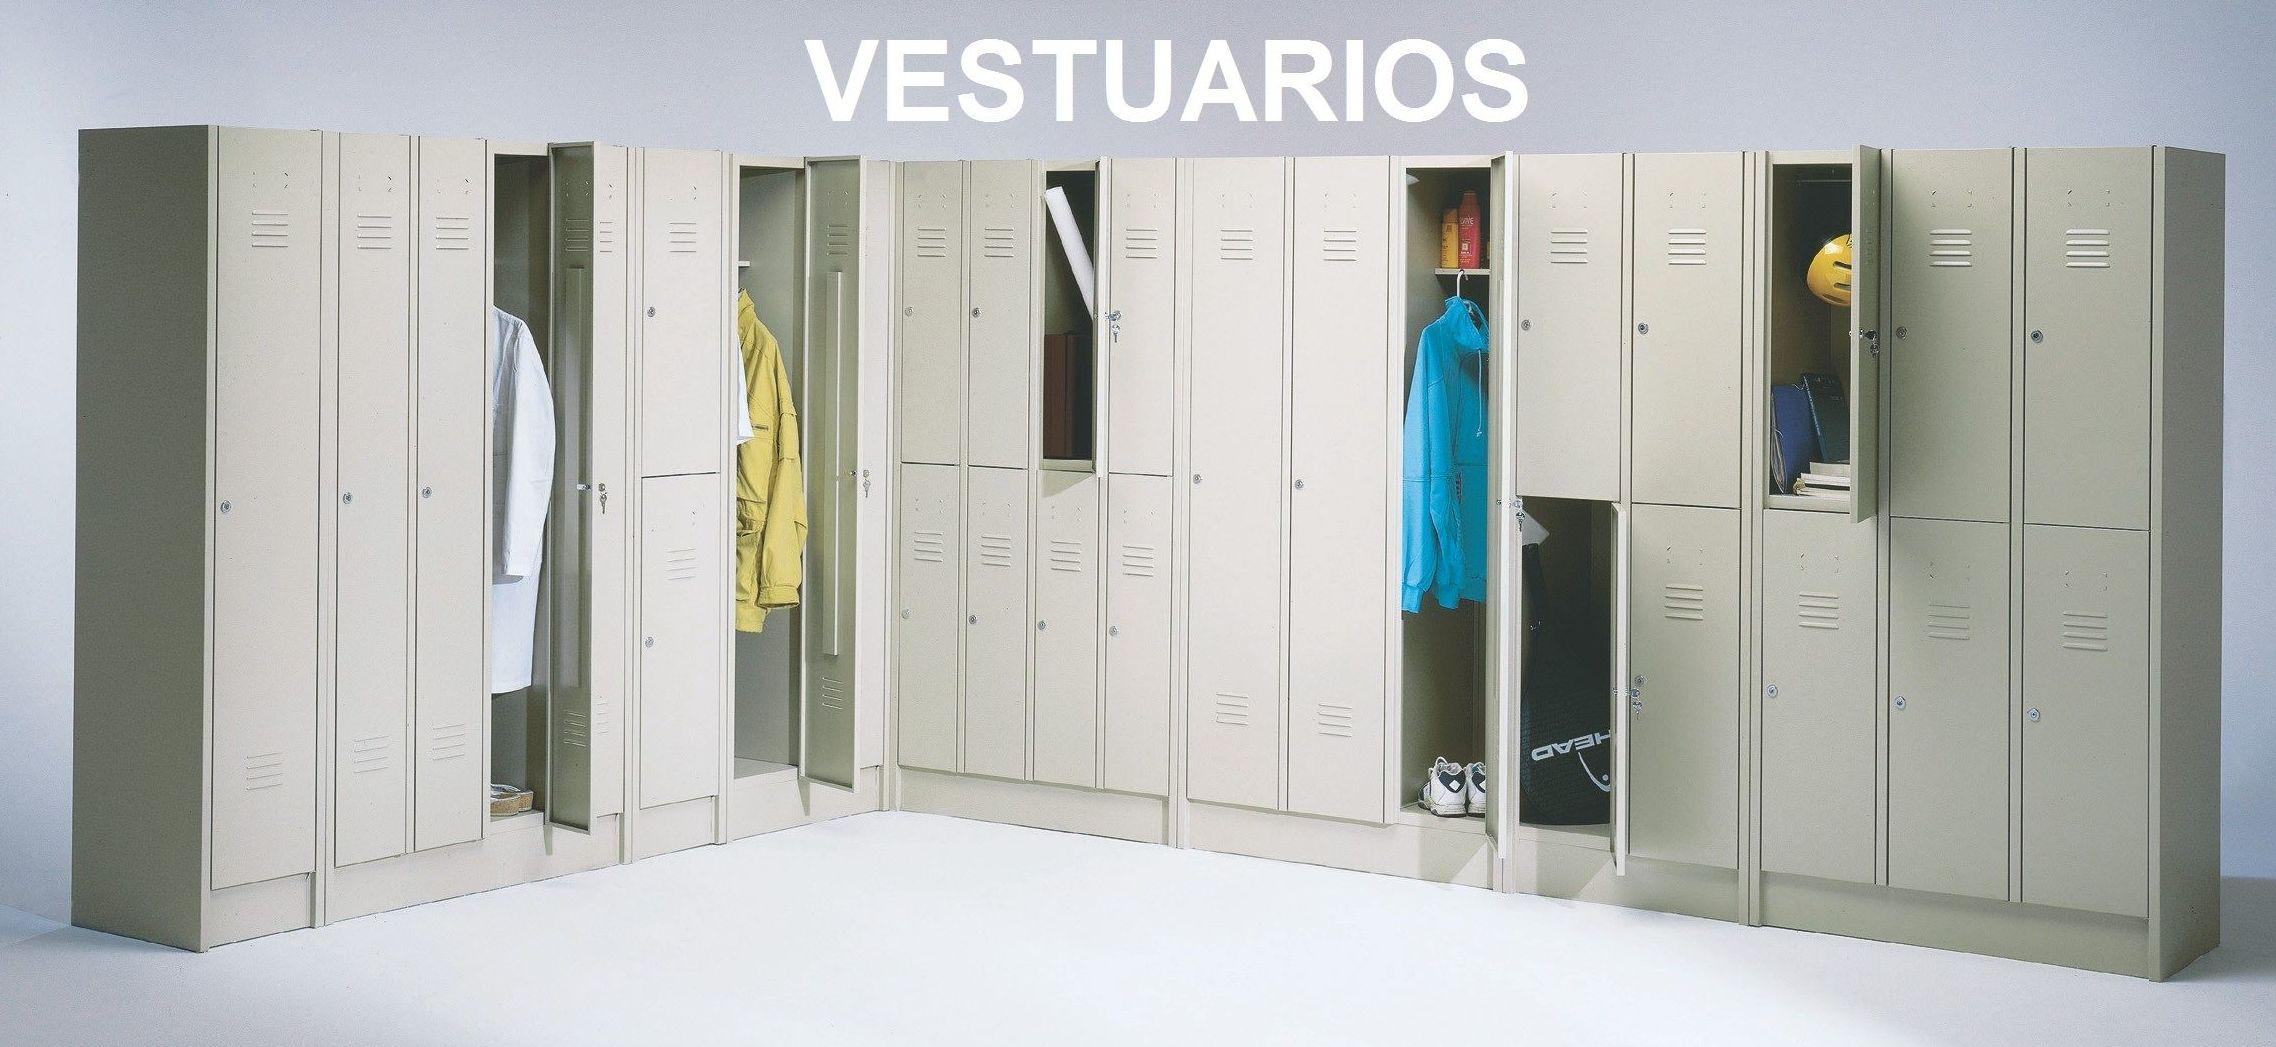 Gimnasios y vestuarios: Nuestros productos de Decoraciones Integrales Jerez S.L